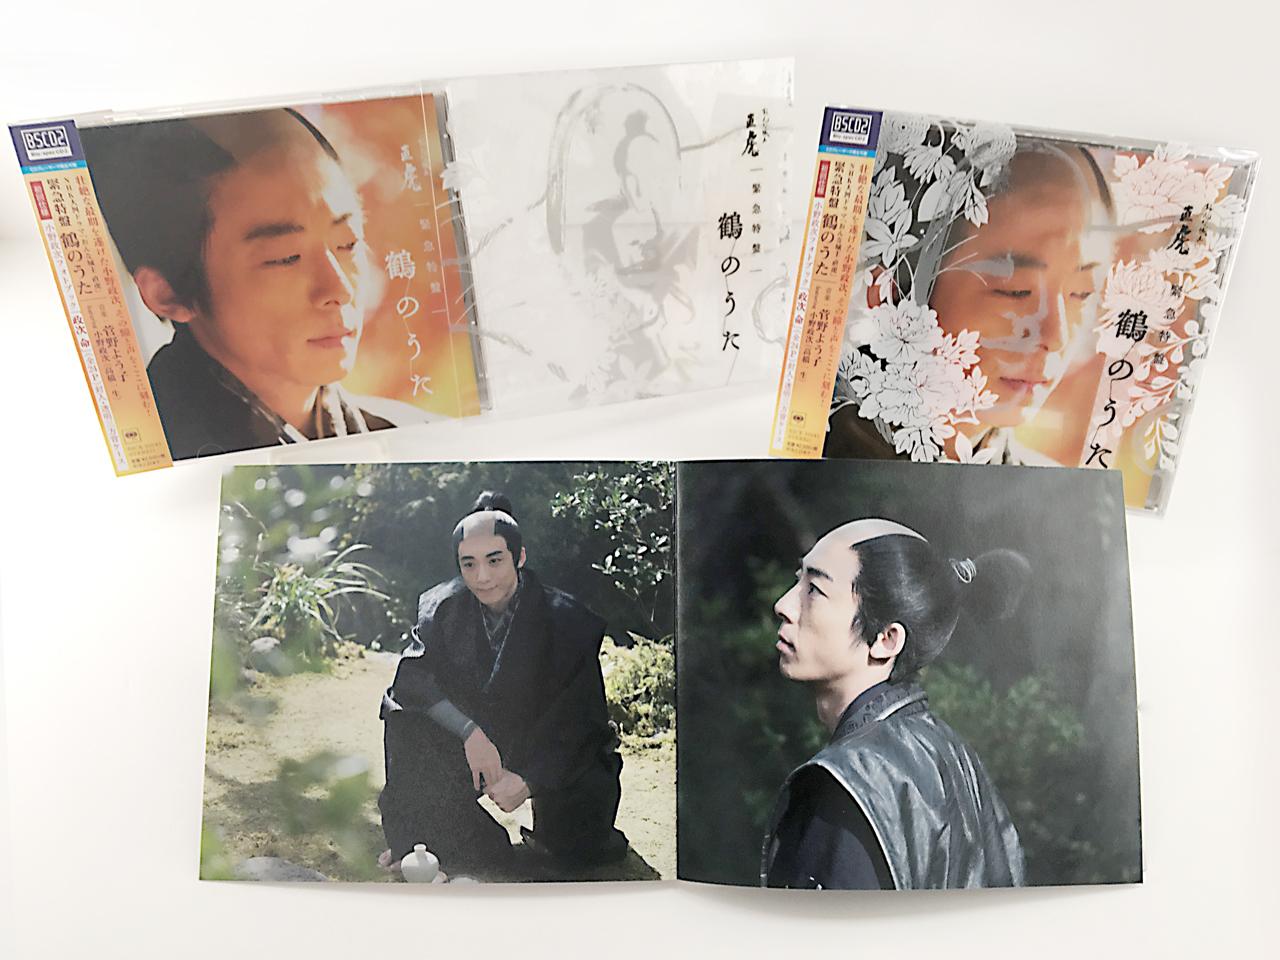 『NHK大河ドラマ「おんな城主 直虎」 緊急特盤 鶴のうた』